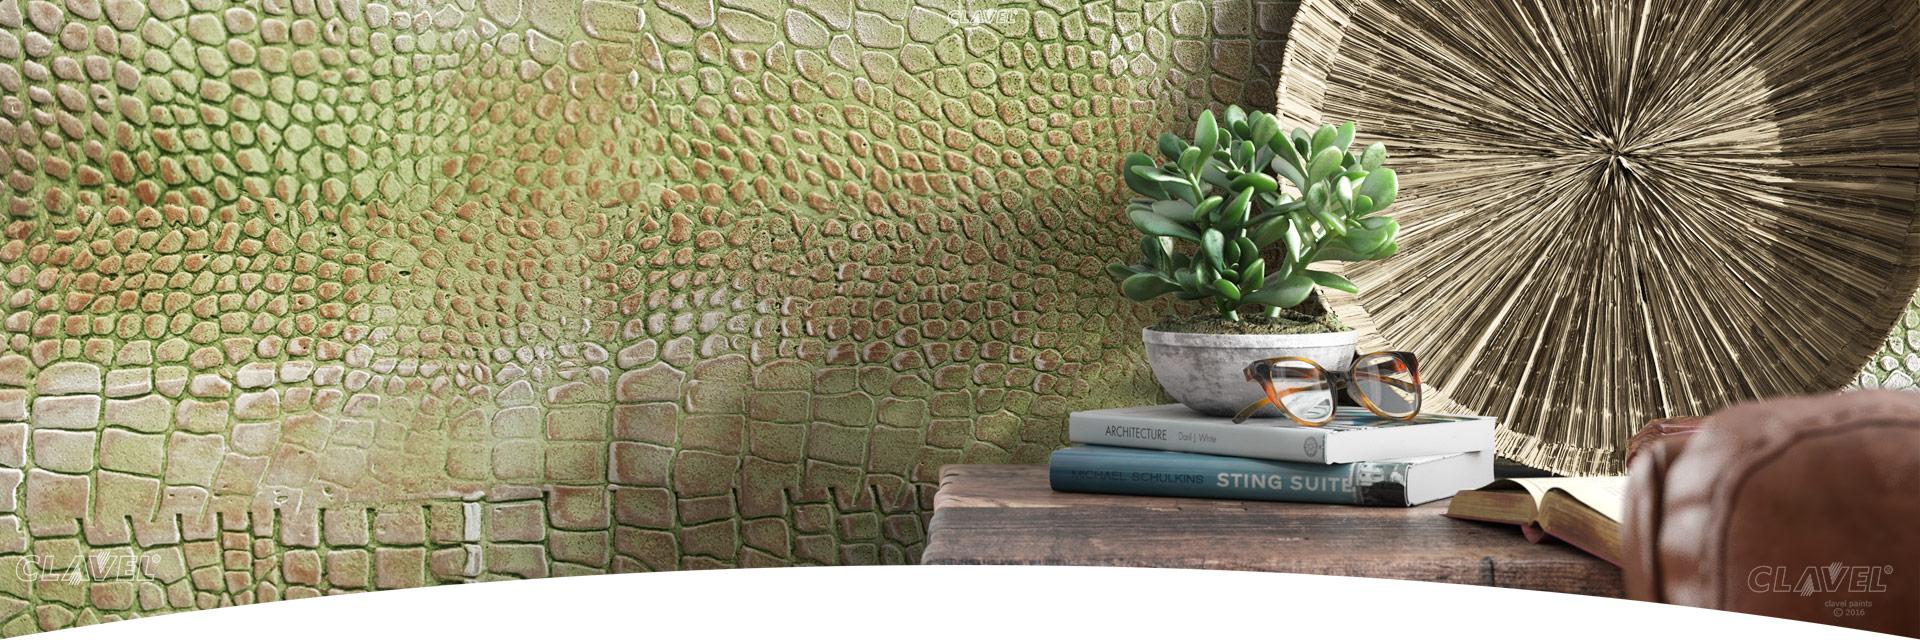 Текстурные штукатурки каталог эффектов в интерьерах